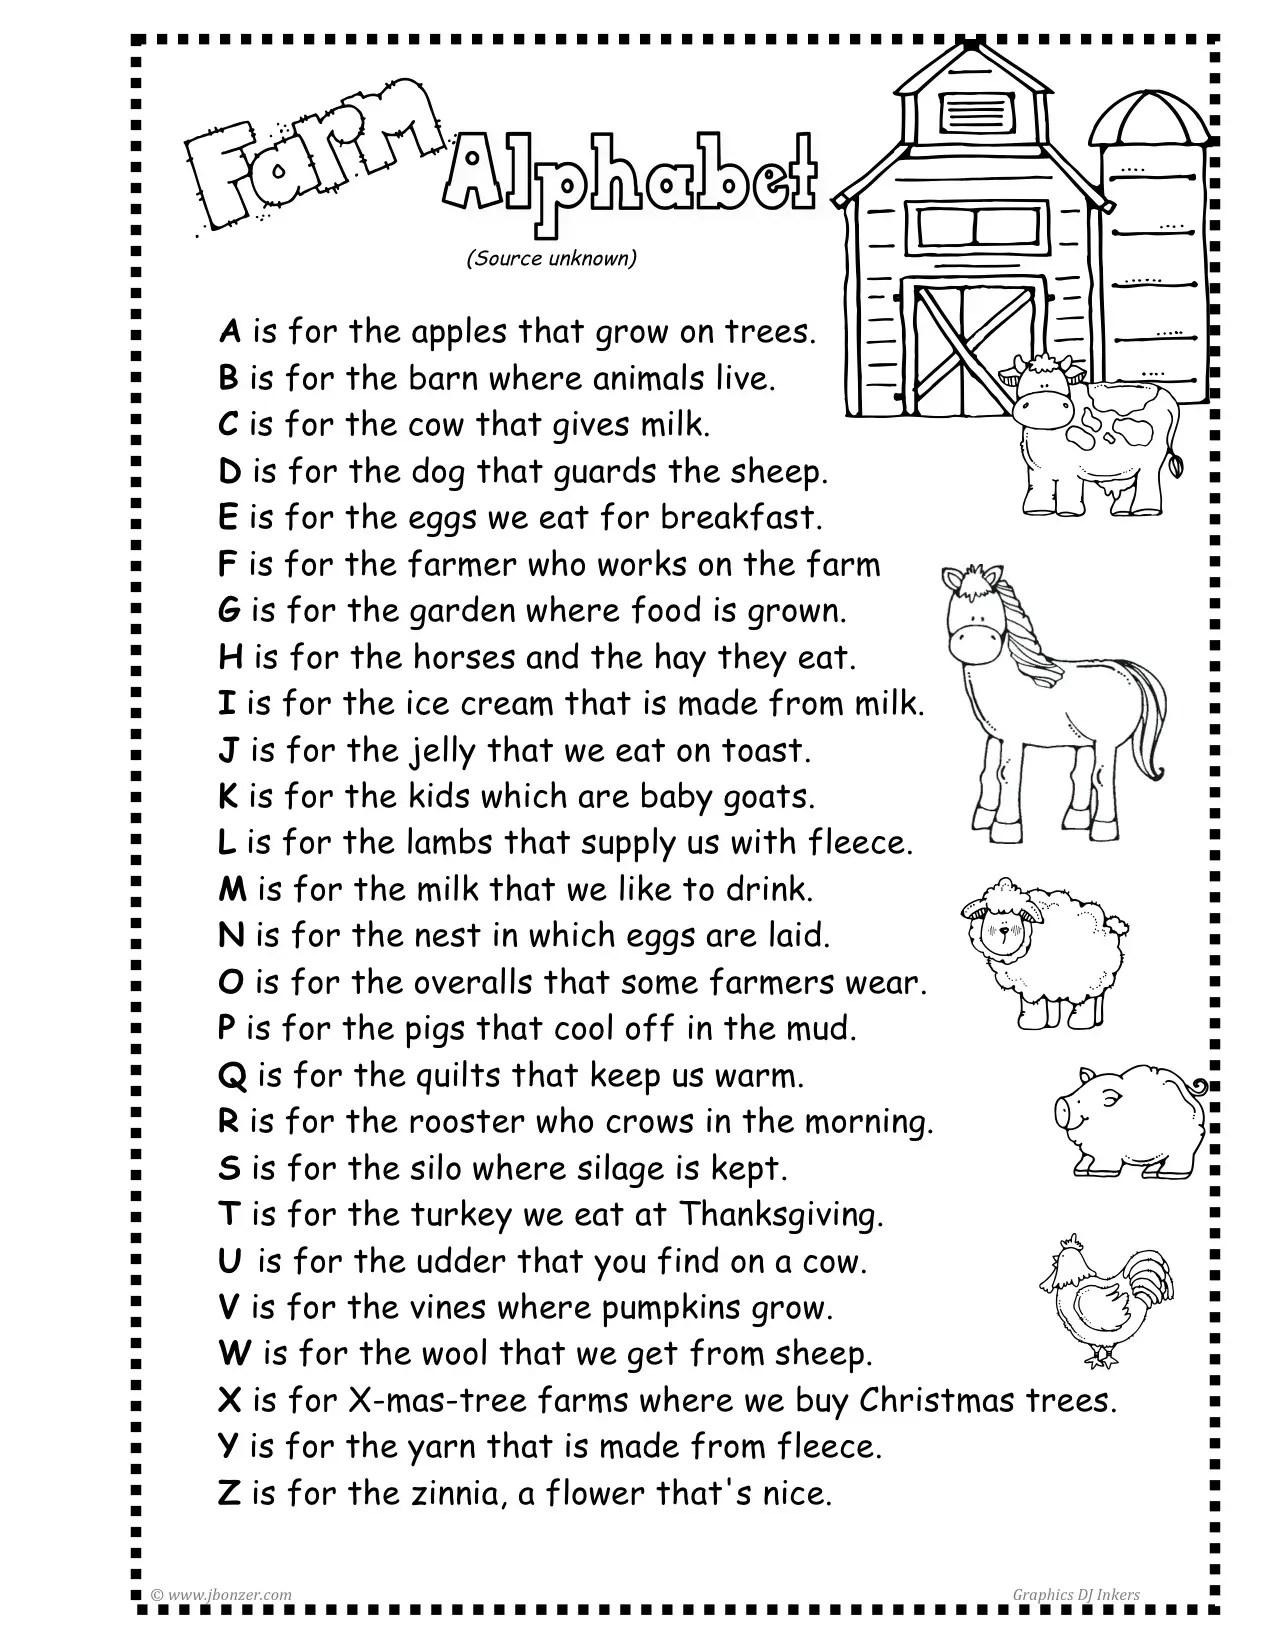 5th Grade Poem Worksheet